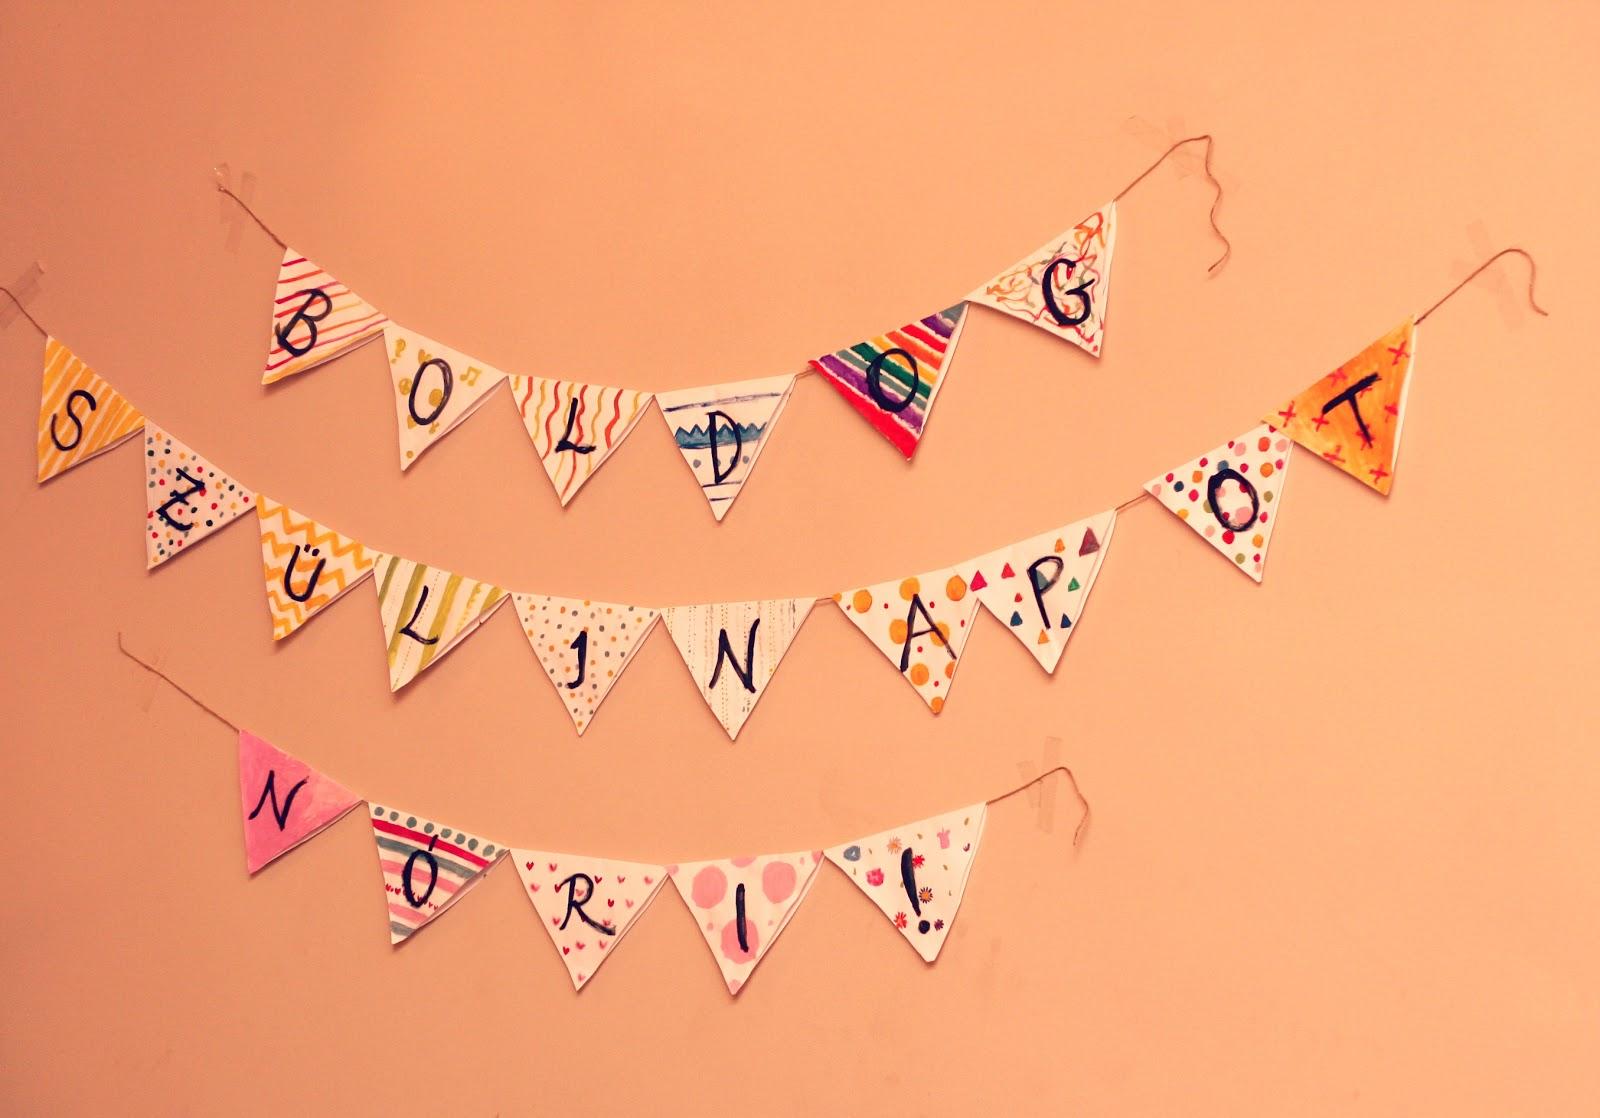 születésnapi játékok otthonra Orsojka blogja: Meglepetés szülinapi buli ötletek születésnapi játékok otthonra